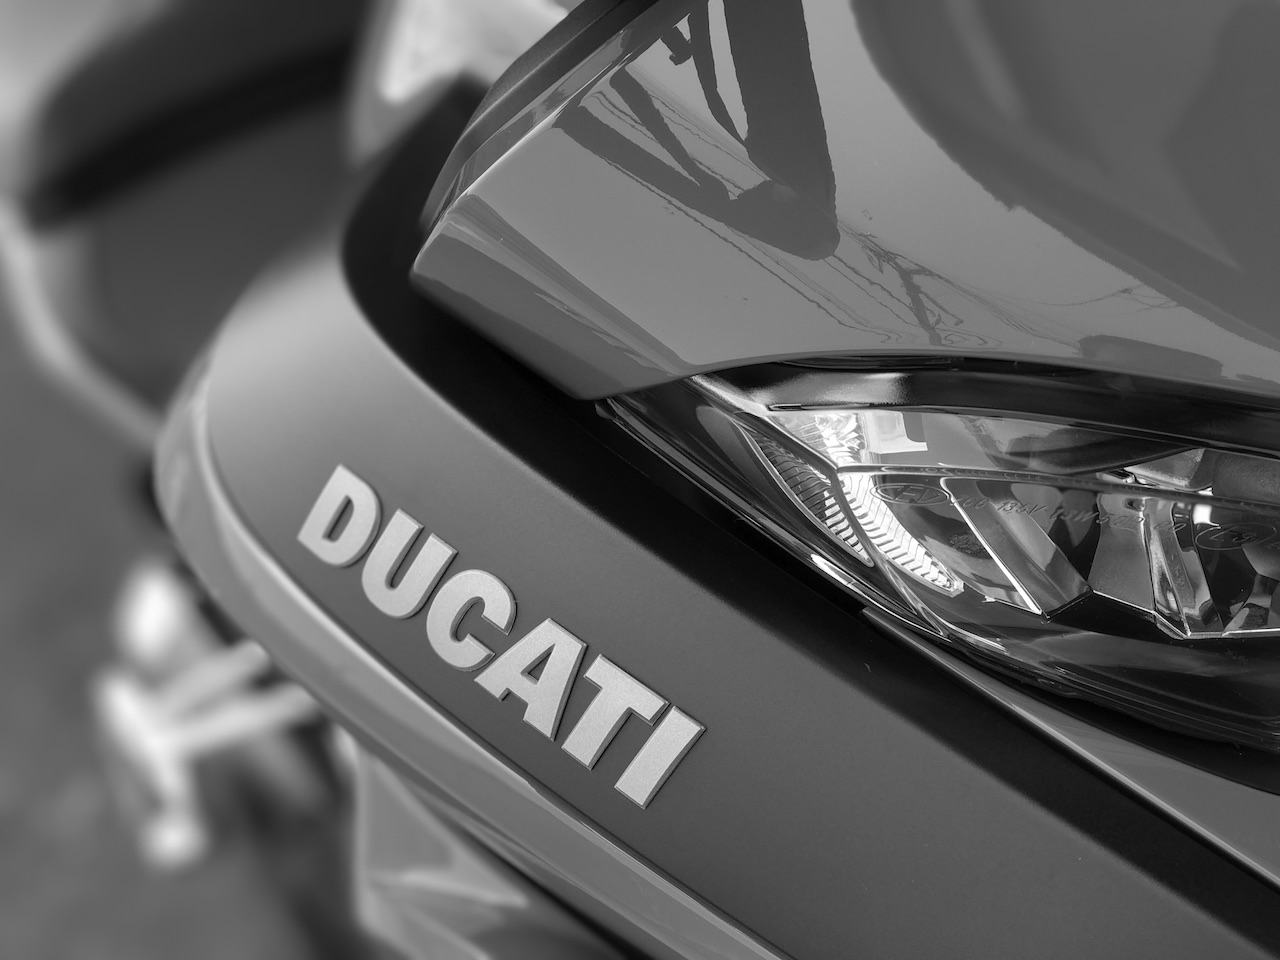 ムルティストラーダ1200Sのエンジンが100℃越え、、、真夏に跨って走れるのか?!